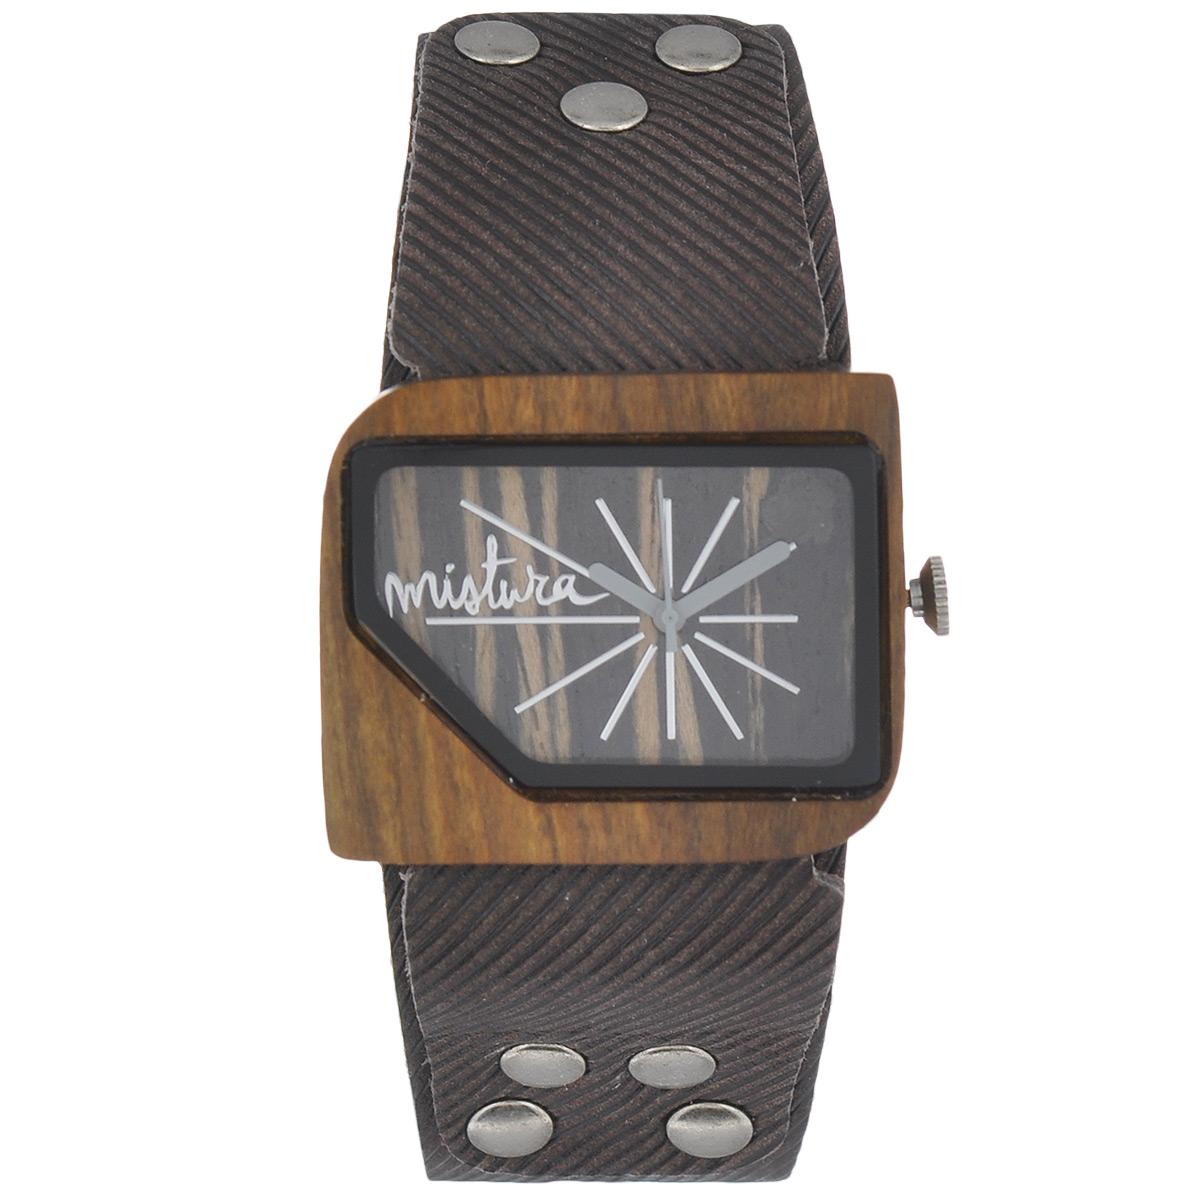 Часы наручные женские Mistura Pellicano: Coffee Jean/Ebony. TP09004CJPUEBWDTP09004CJPUEBWDНаручные часы Mistura благодаря своему эксклюзивному дизайну позволят вам выделиться из толпы и подчеркнуть свою индивидуальность. Для изготовления корпуса часов используется древесина тропических лесов Колумбии с применением индивидуальных методов ее обработки. Дизайн выполняется вручную. Часы оснащены японским кварцевым механизмом Miyota (Япония). Ремешок из натуральной кожи, декорирован металлическими заклепками, застегивается на классическую застежку с деревянным язычком. Корпус часов изготовлен из дерева. Циферблат защищен минеральным стеклом. Изделие упаковано в фирменную коробку с логотипом компании Mistura. Часы марки Mistura идеально подходят молодым и уверенным в себе людям, ценящим качество, практичность и индивидуальность в каждой детали. Каждая модель оснащена оригинальным дизайнерским корпусом, а также ремешком из натуральной кожи, который можно заменить по вашему желанию. В изделиях используются высокоточные механизмы...